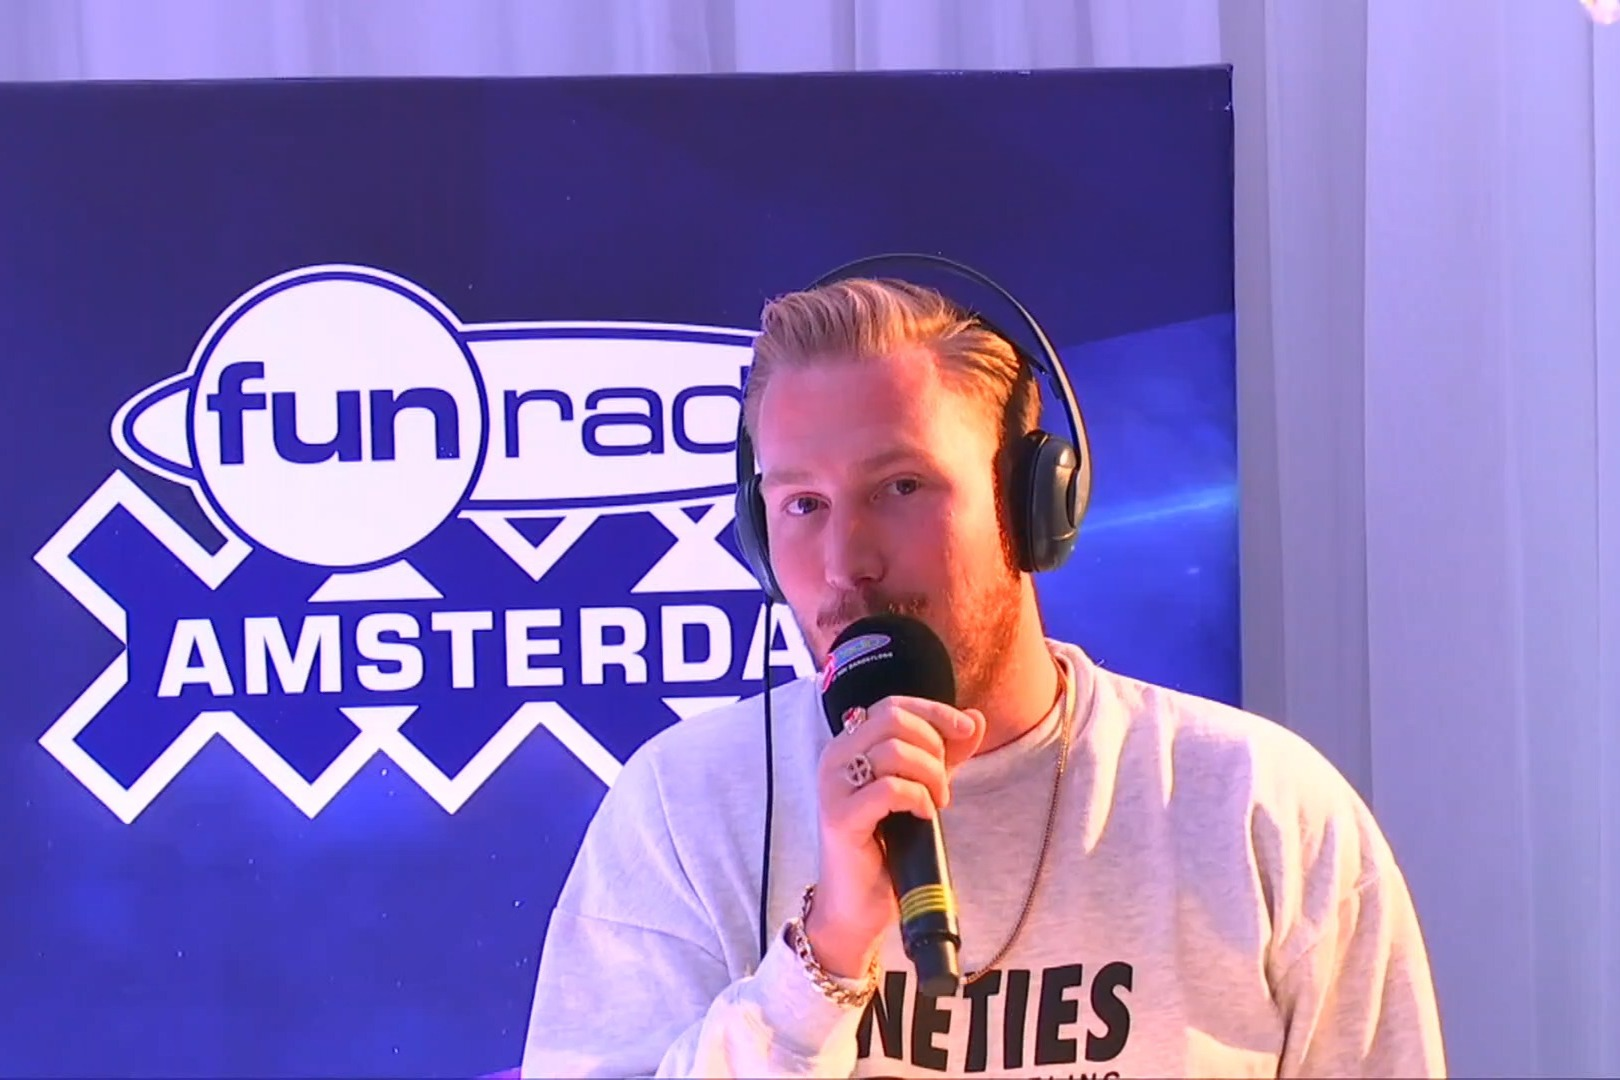 Hugel en interview et en mix dans Fun Radio Amsterdam